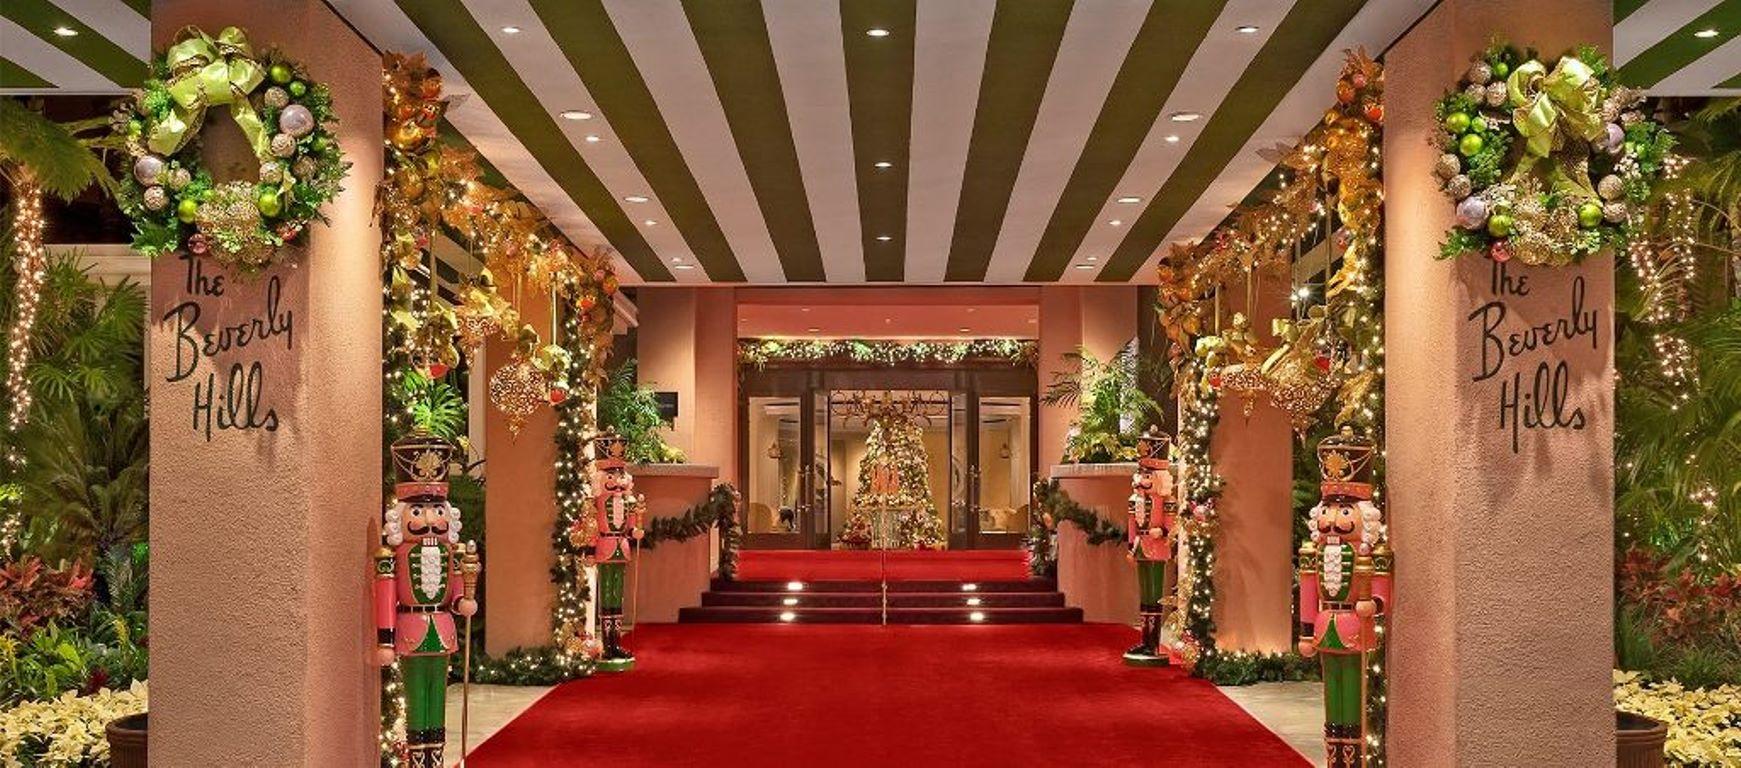 The Beverly Hills Hotel apresenta em toda a lendária propriedade ofertas e experiências inspiradas no bem-estar